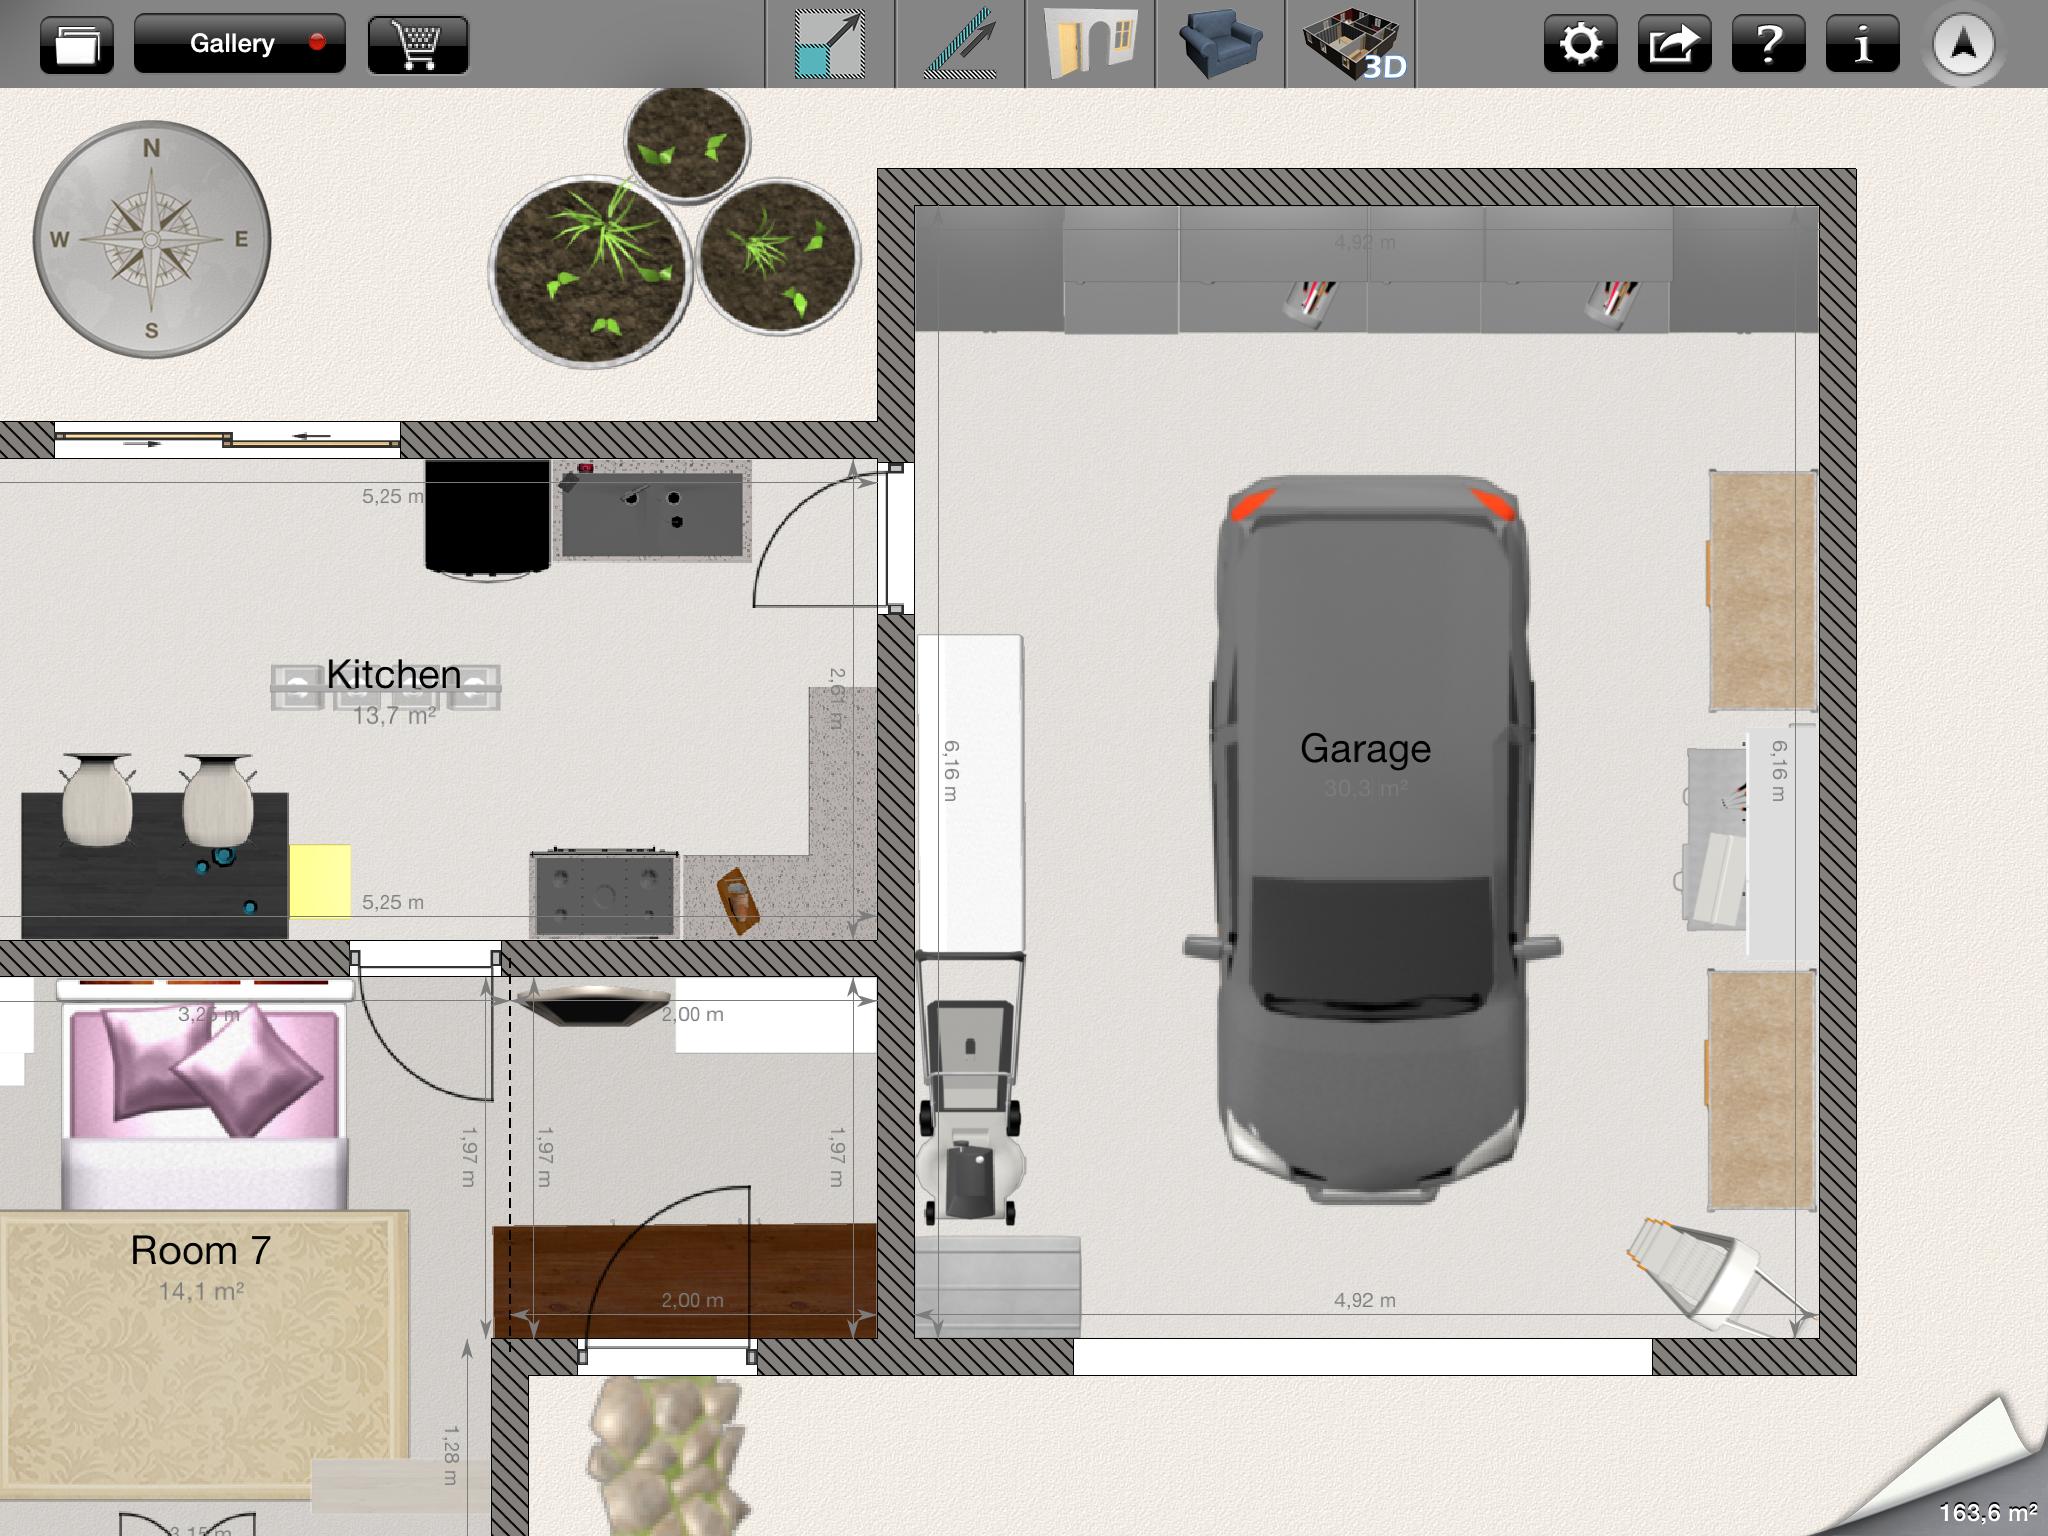 28 livecad logiciel d architecture 3d livecad - Logiciel meuble 3d ...